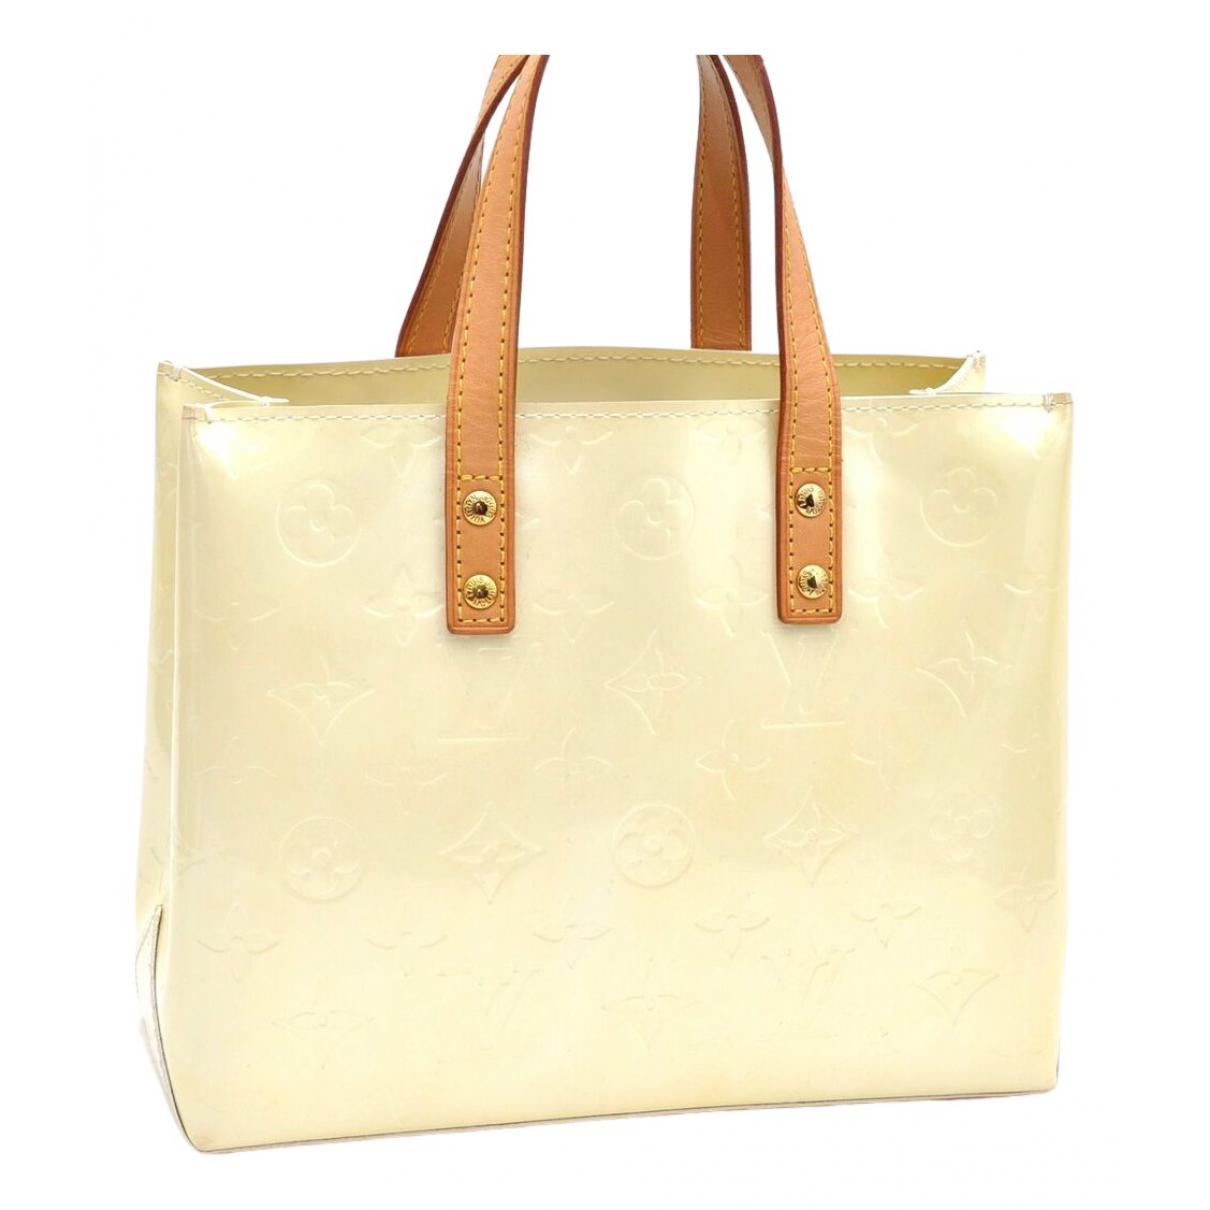 Louis Vuitton - Sac a main   pour femme en cuir verni - camel